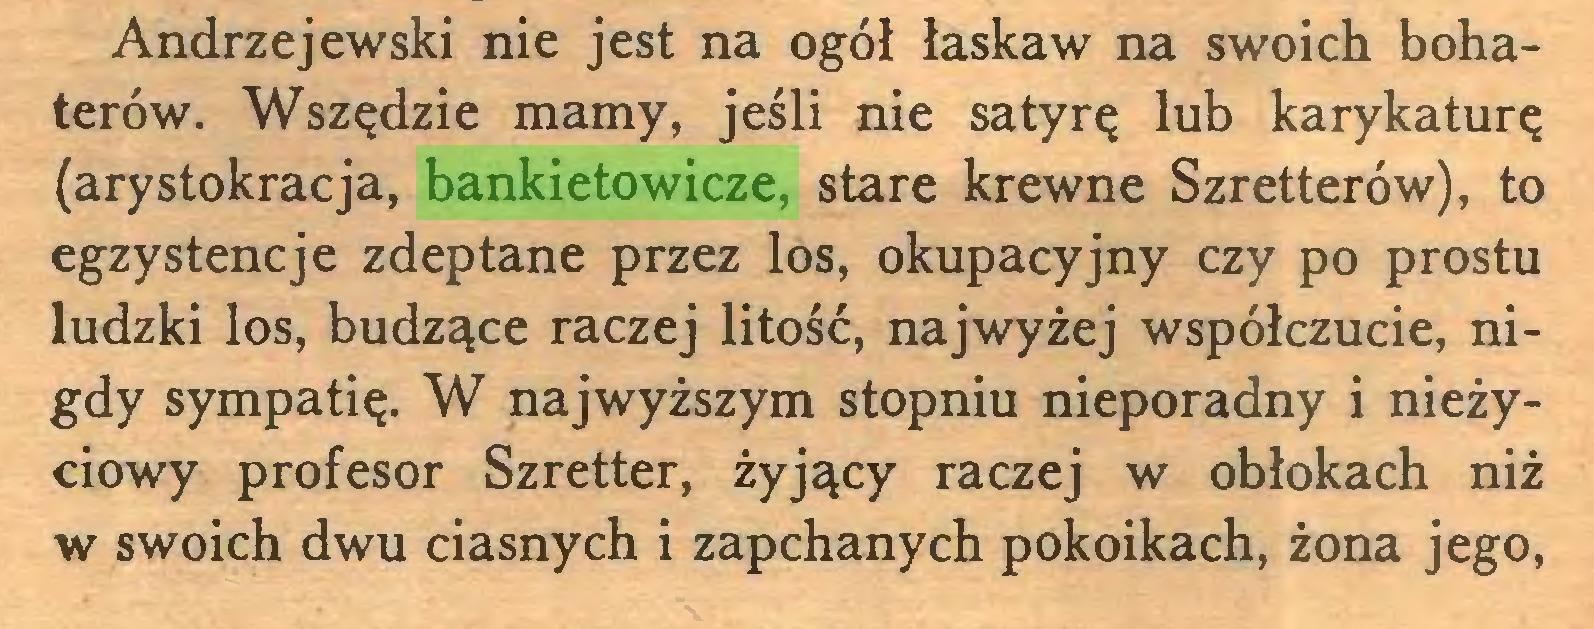 (...) Andrzejewski nie jest na ogół łaskaw na swoich bohaterów. Wszędzie mamy, jeśli nie satyrę lub karykaturę (arystokracja, bankietowicze, stare krewne Szretterów), to egzystencje zdeptane przez los, okupacyjny czy po prostu ludzki los, budzące raczej litość, najwyżej współczucie, nigdy sympatię. W najwyższym stopniu nieporadny i nieżyciowy profesor Szretter, żyjący raczej w obłokach niż w swoich dwu ciasnych i zapchanych pokoikach, żona jego,...